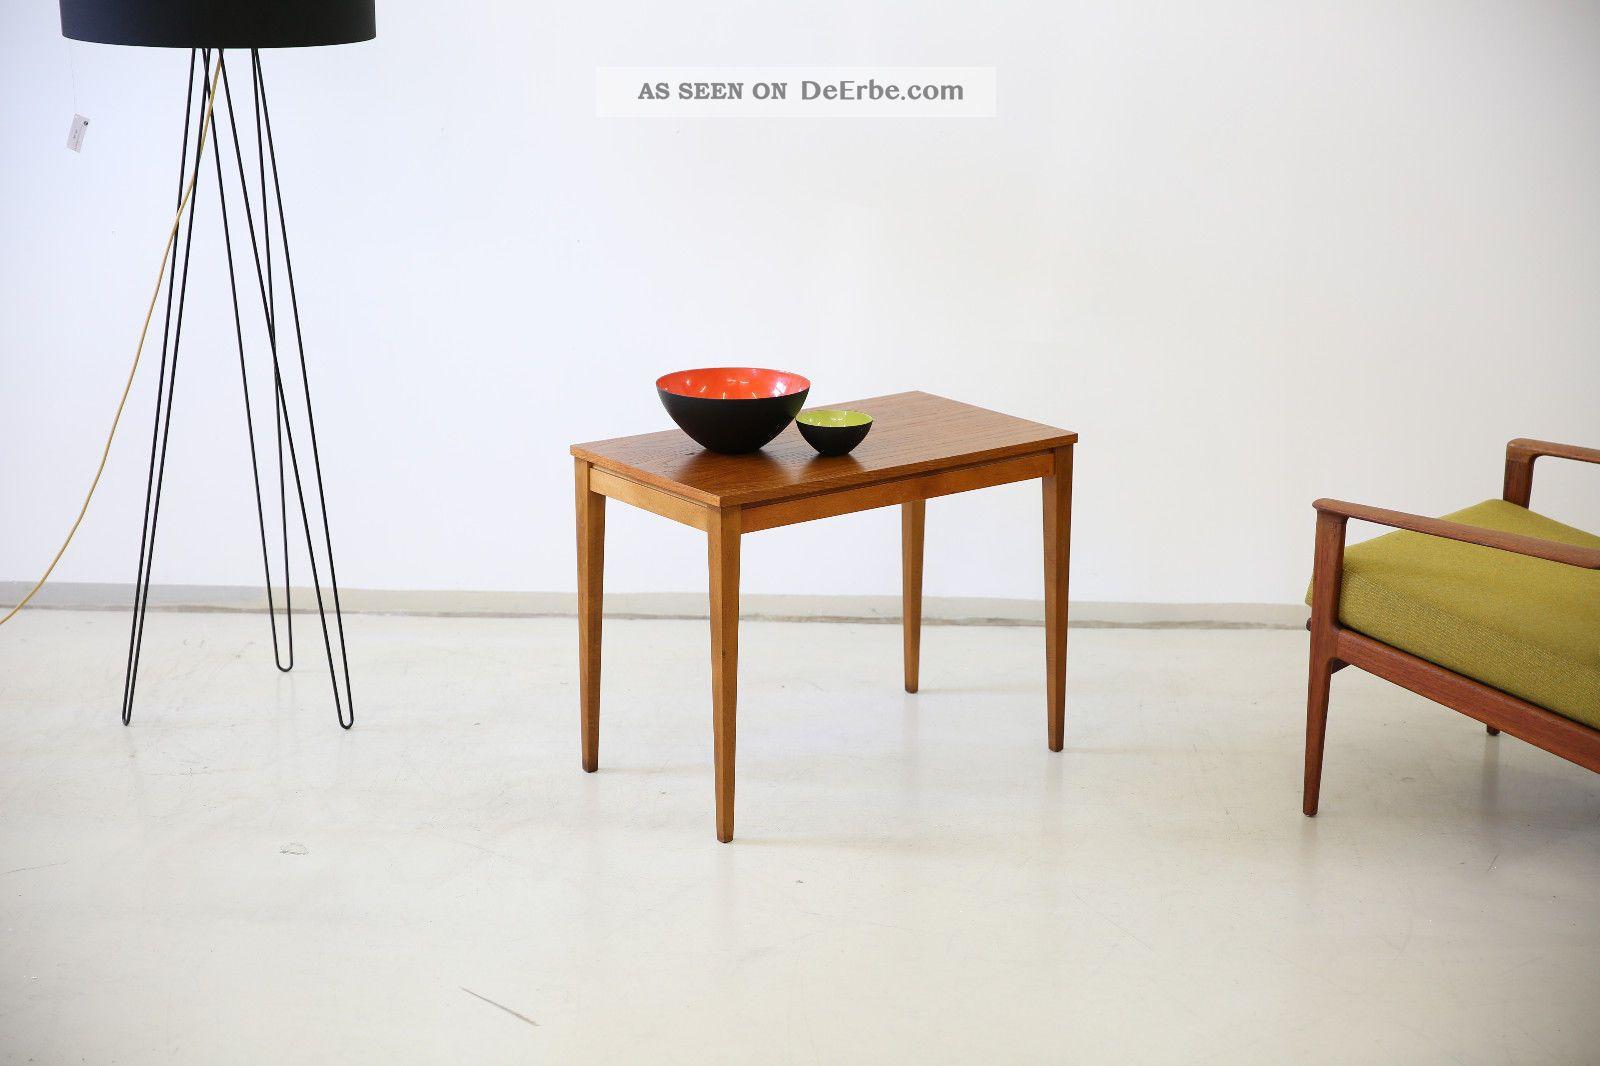 60er teak couchtisch beistelltisch danish 60s side table for Couchtisch 60er